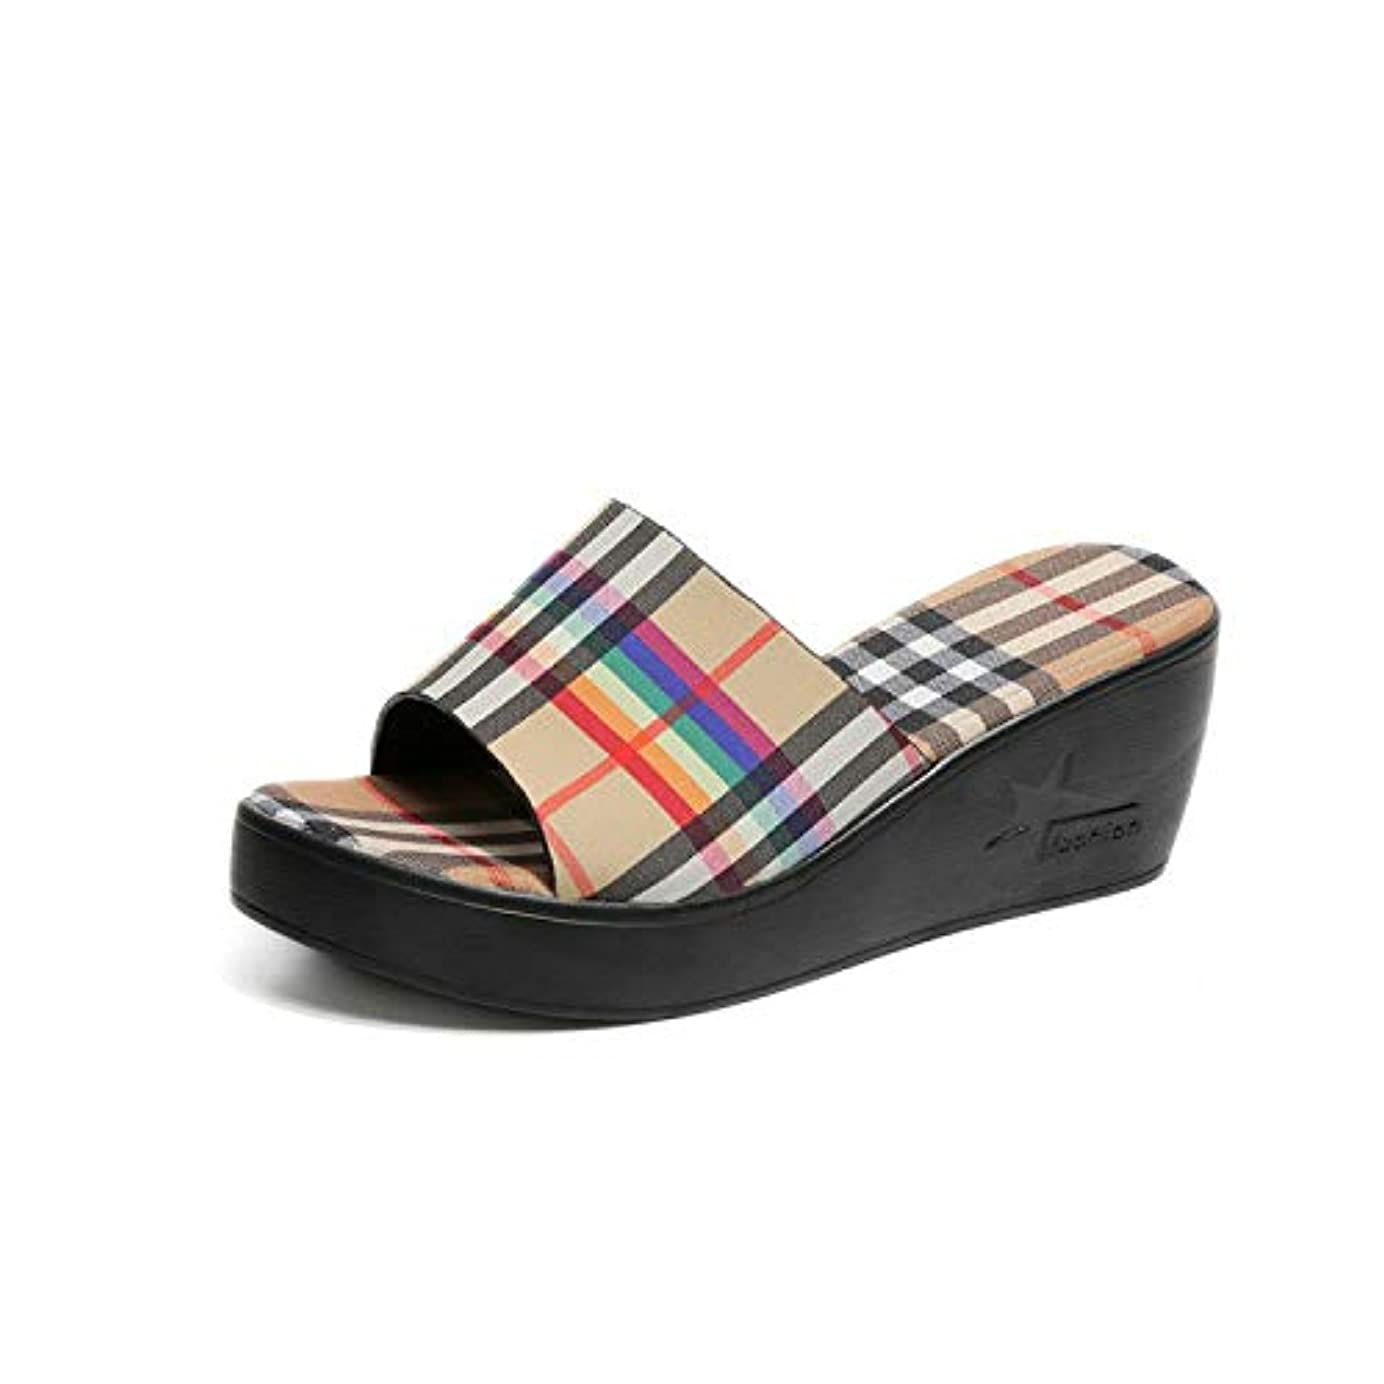 悲観的看板破壊的なサンダル レディース サンダル 歩きやすい 旅行 女の子 サンダル 夏/チェックのスリッパ/カジュアル/ファッション/一字/怠け者のスリッパ/ファッション/女性の靴 (37サイズ、23.5cm)